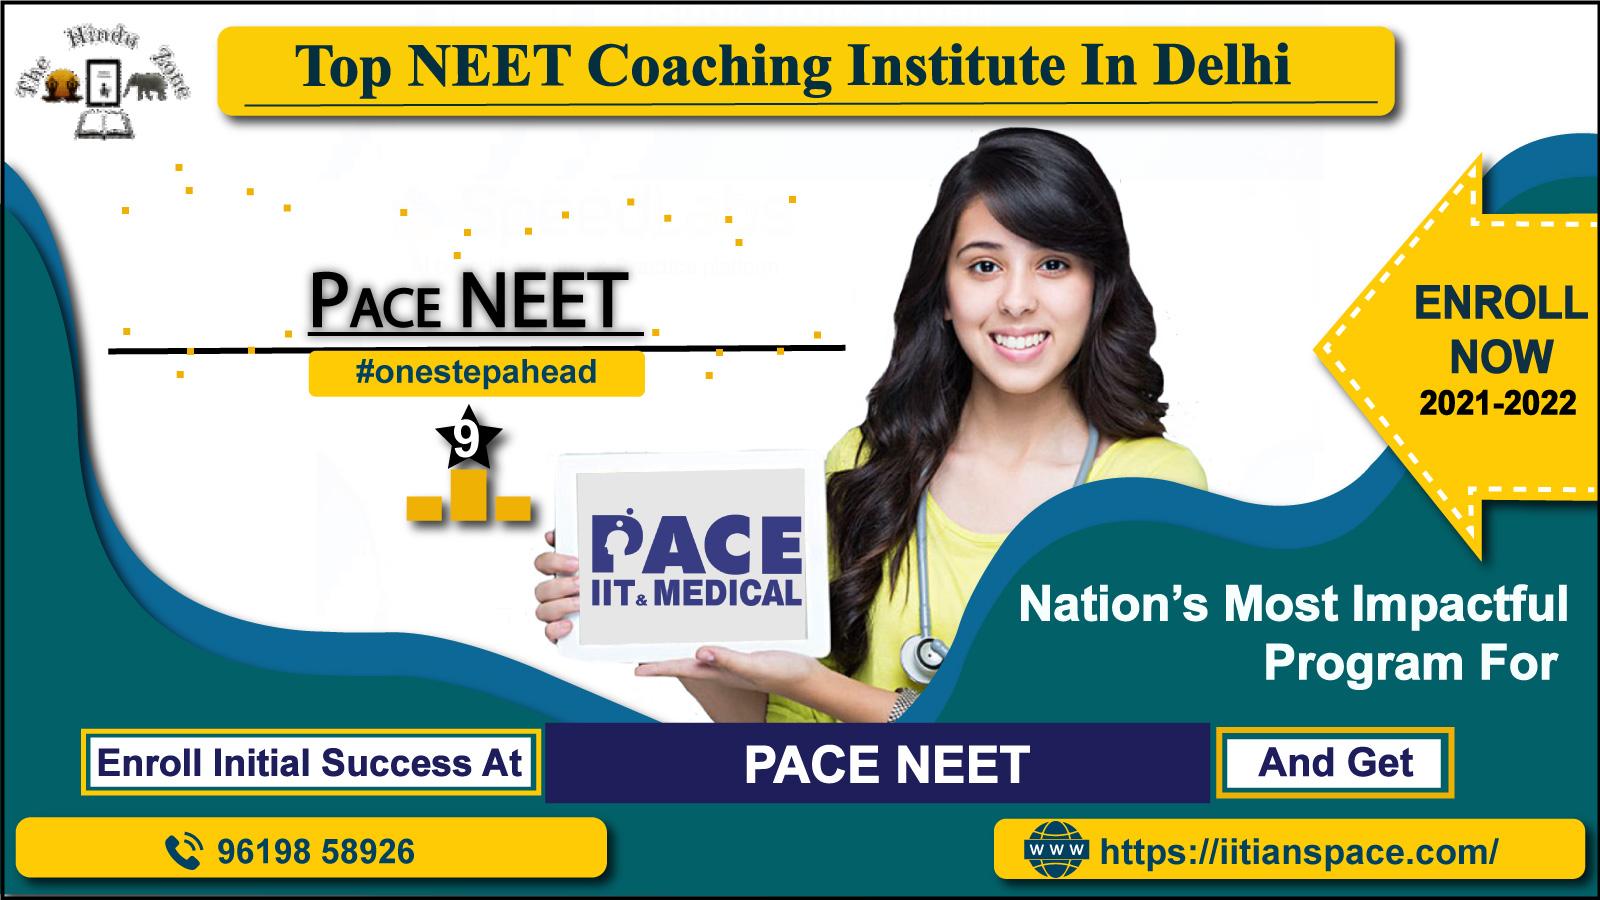 Pace: Top NEET Coaching In Delhi